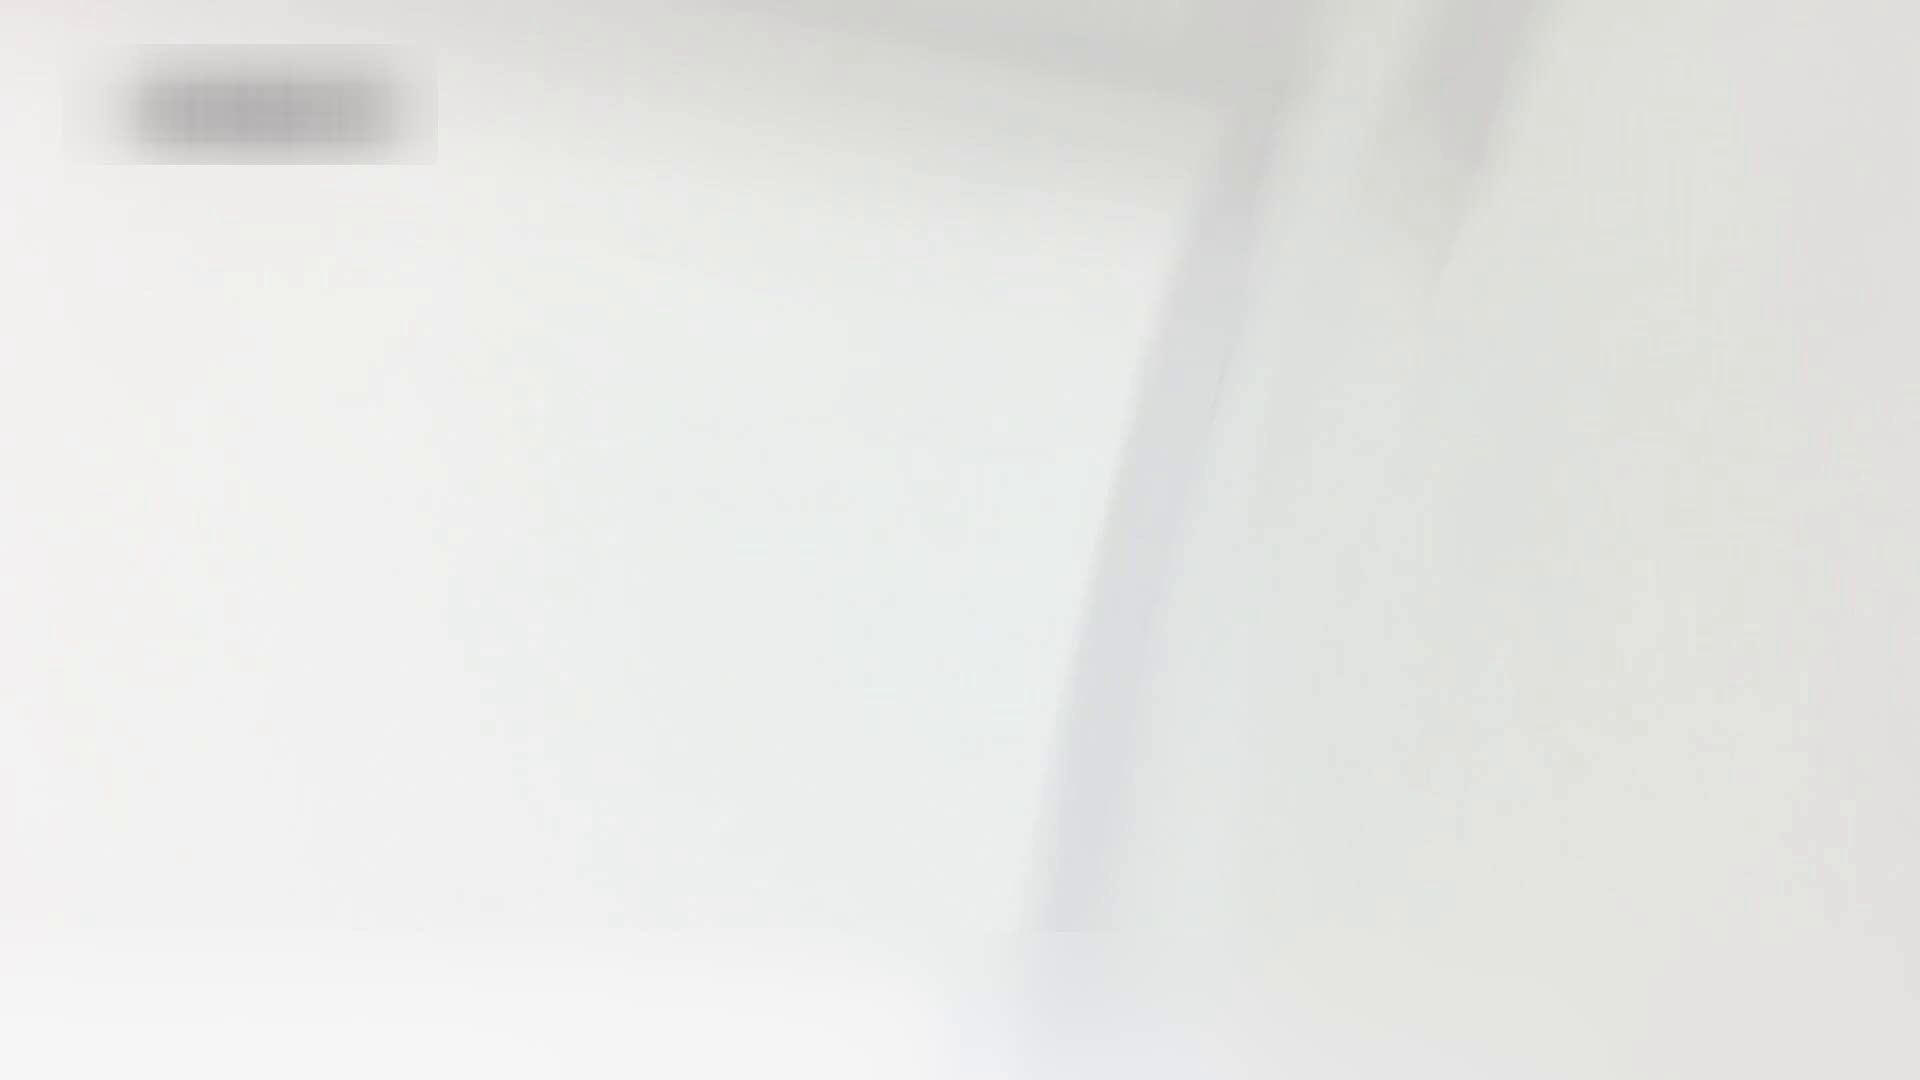 お姉さんの恥便所盗撮! Vol.24 リアル便所潜入 セックス無修正動画無料 67画像 49